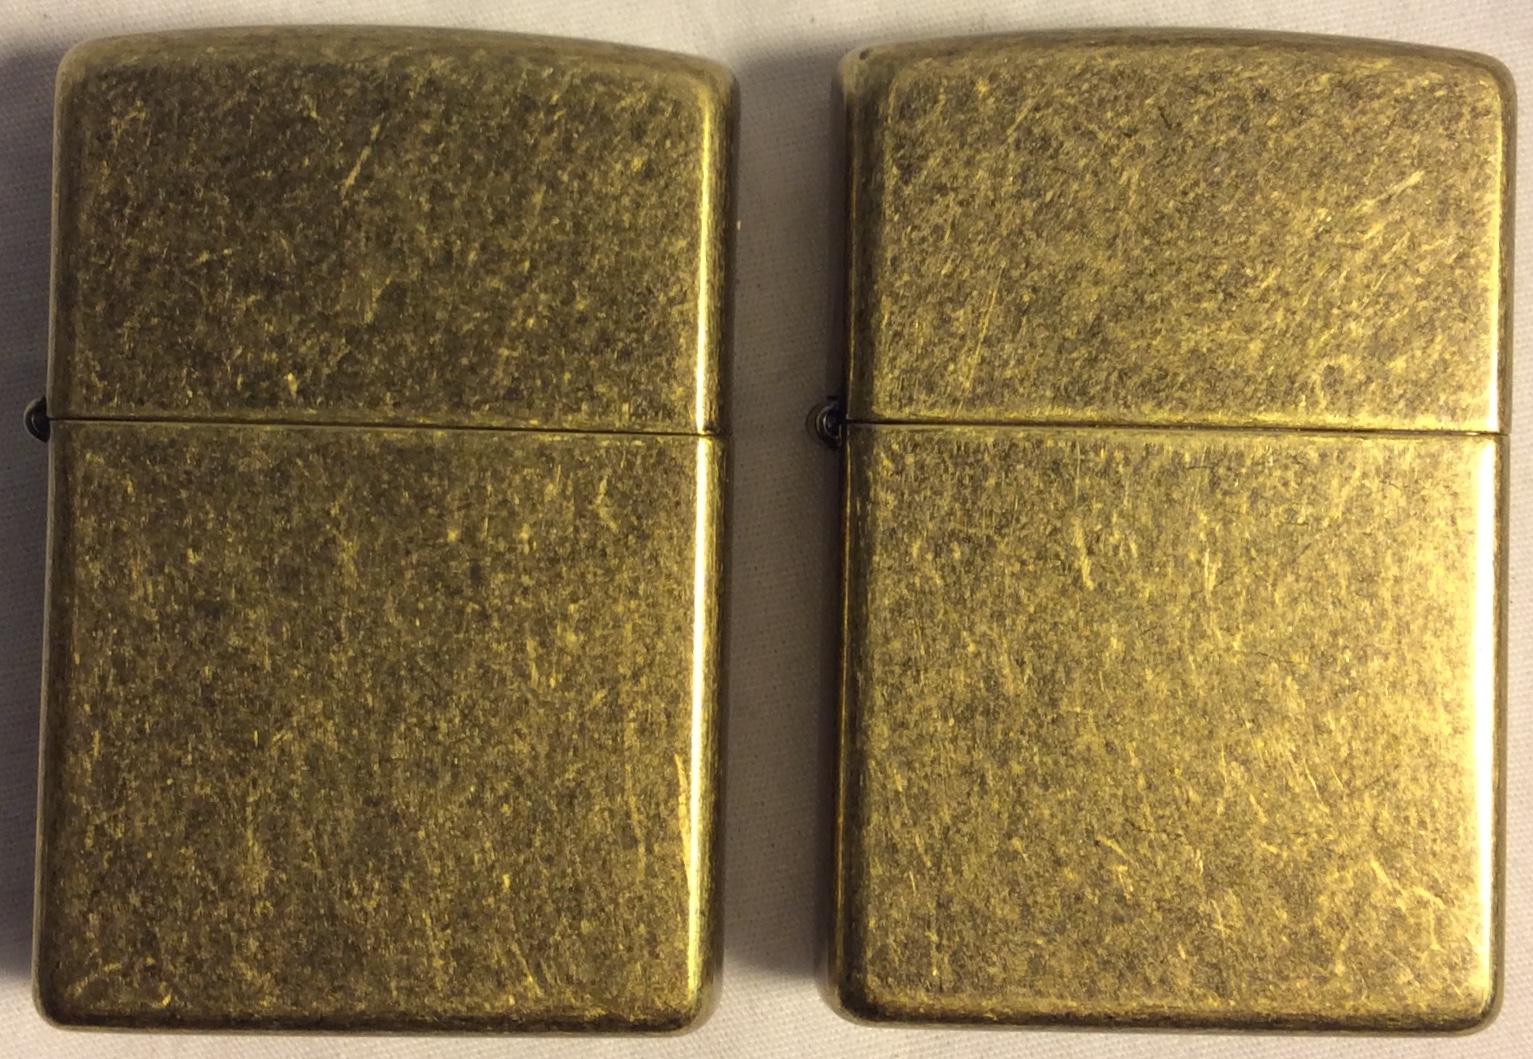 Brass ZIPPO with galvanized